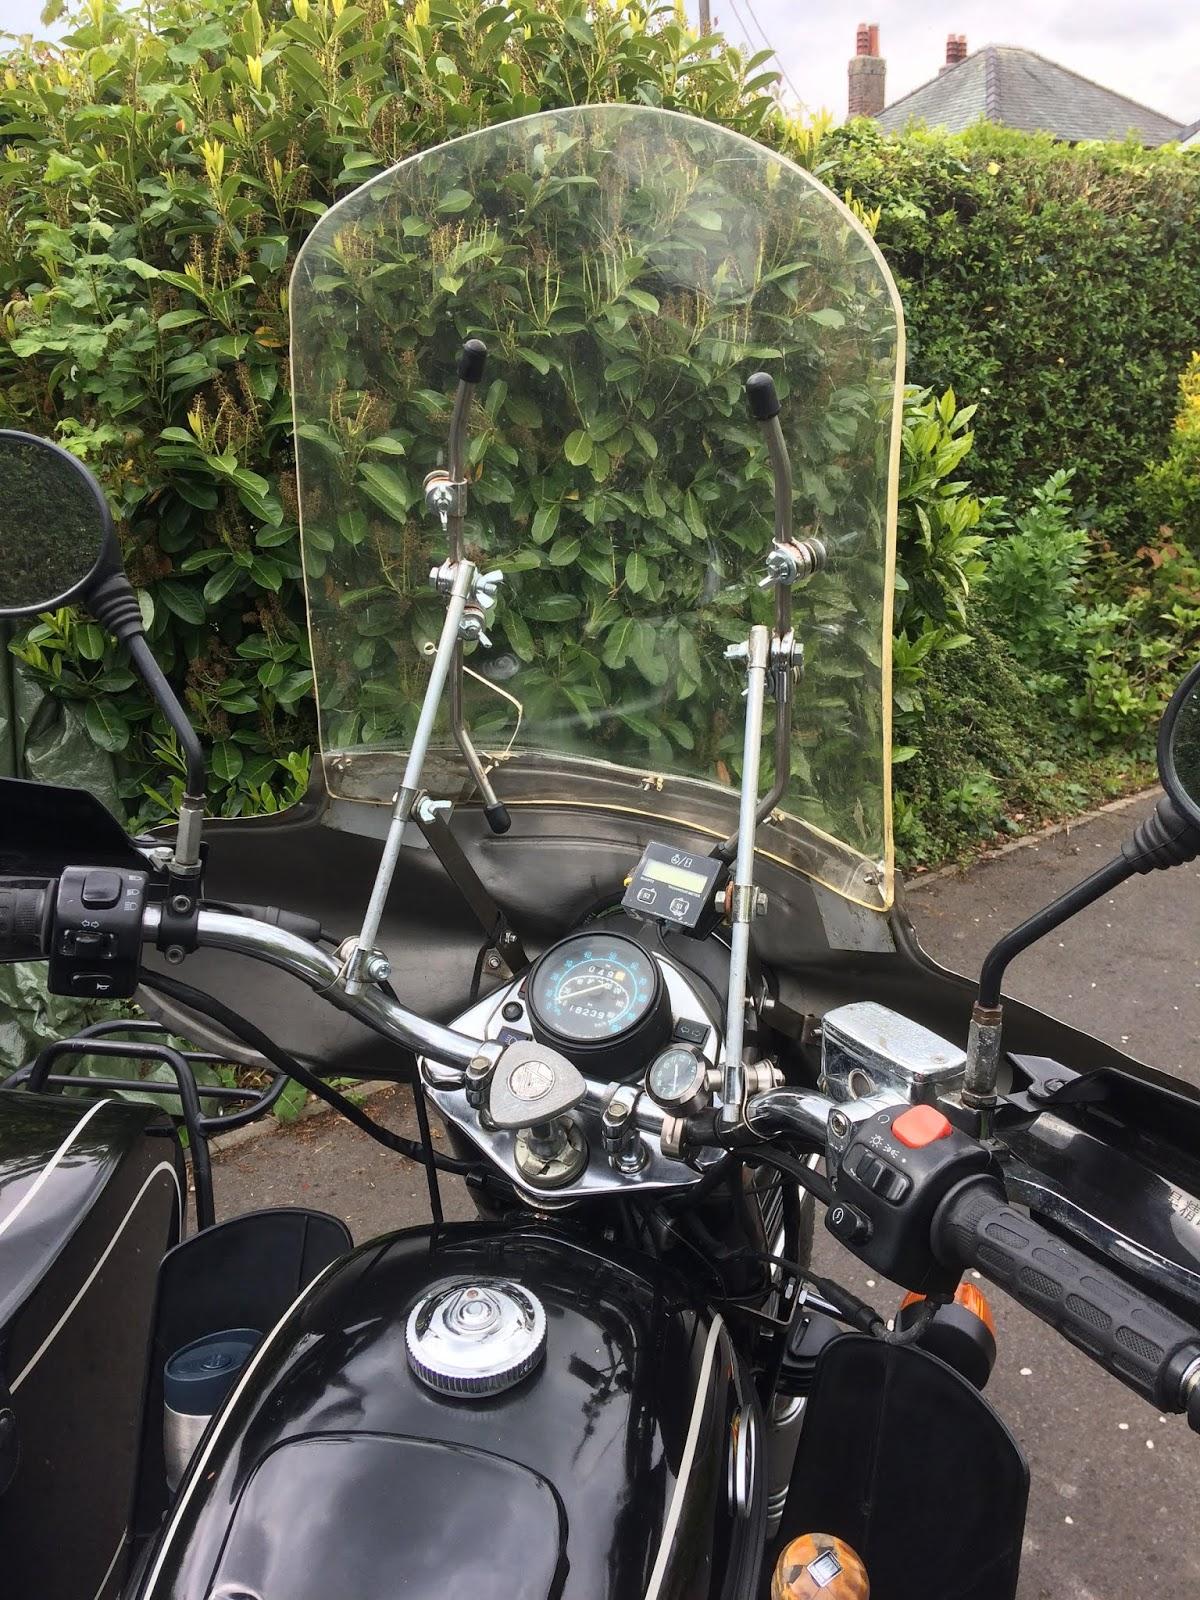 dnepr motorcycle wiring schematic [ 1200 x 1600 Pixel ]